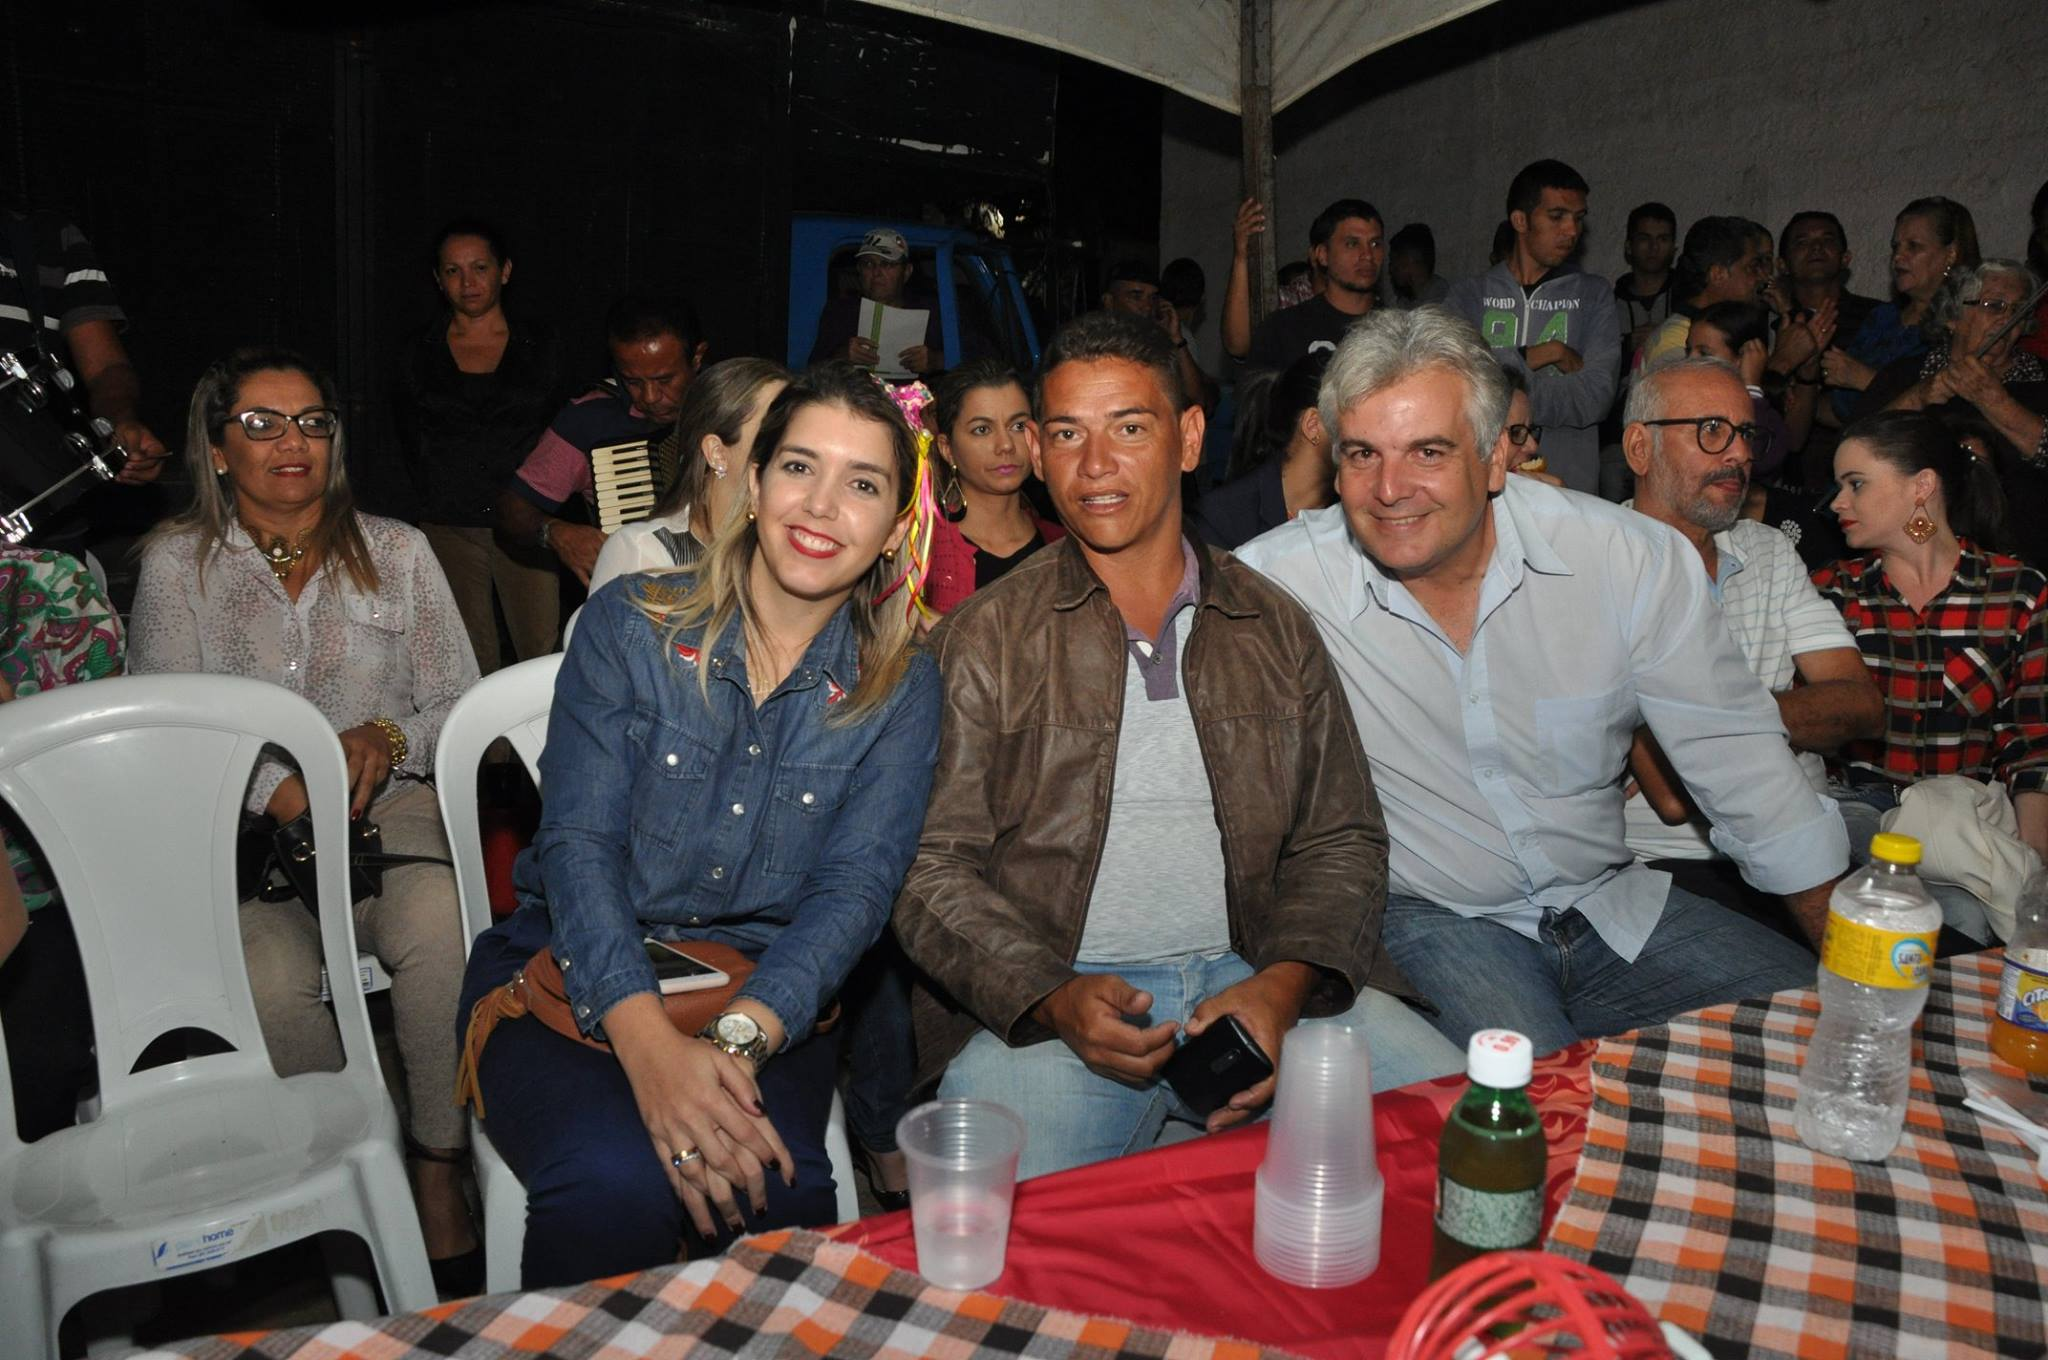 19243038_1899326173673906_372743539658871116_o-1024x680 OPIPOCO mostra como foi a Segunda noite do festival de quadrilhas em Monteiro. Confira Imagens